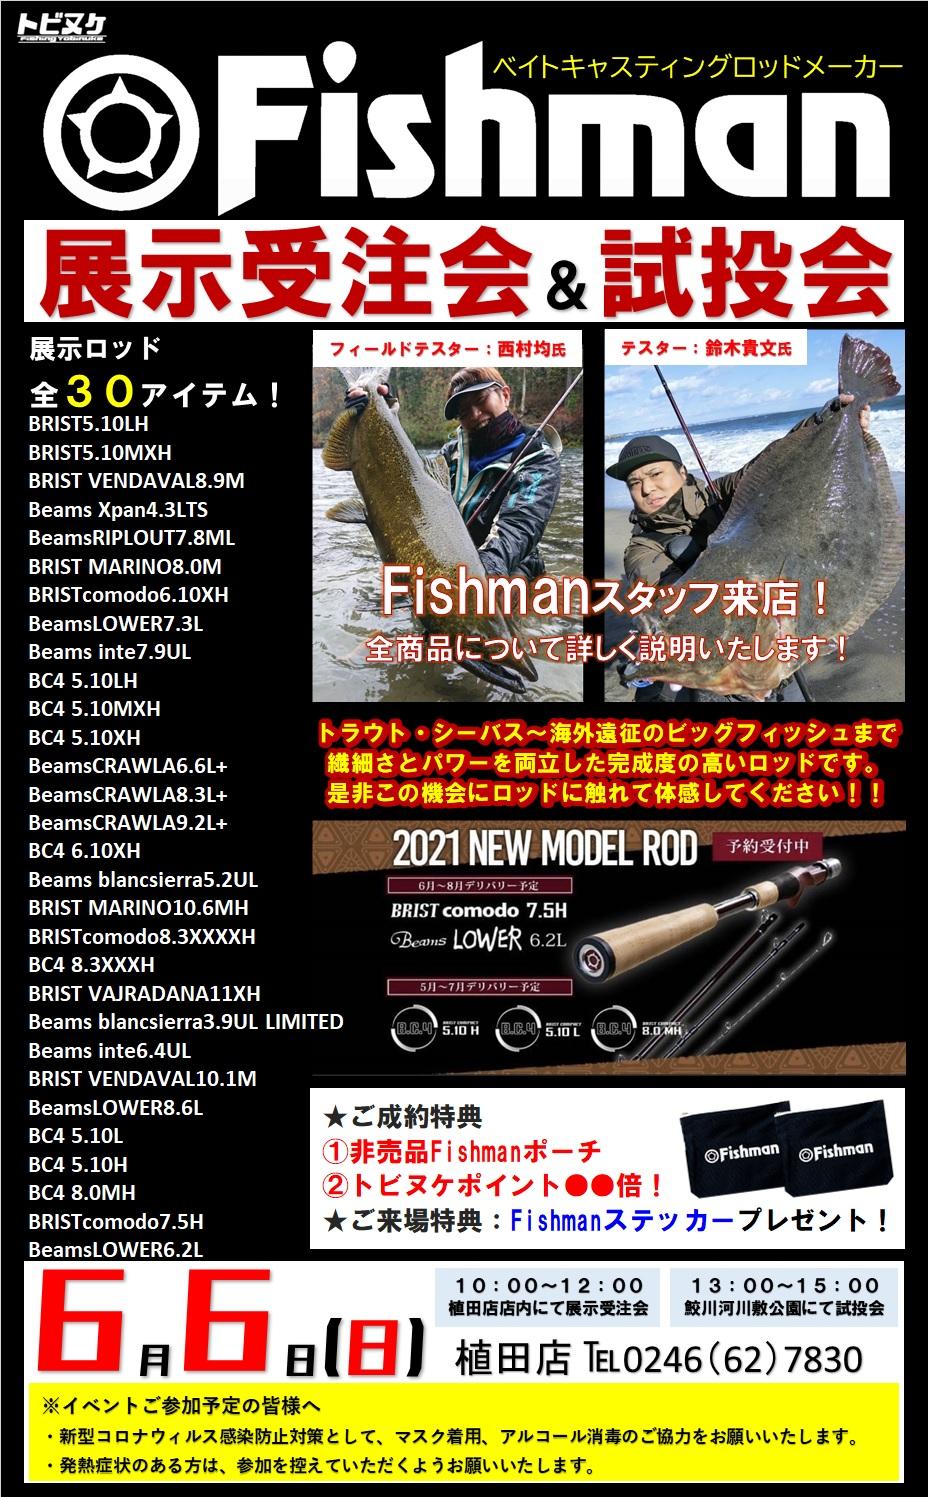 6/6 トビヌケ植田店様 試投・展示受注会